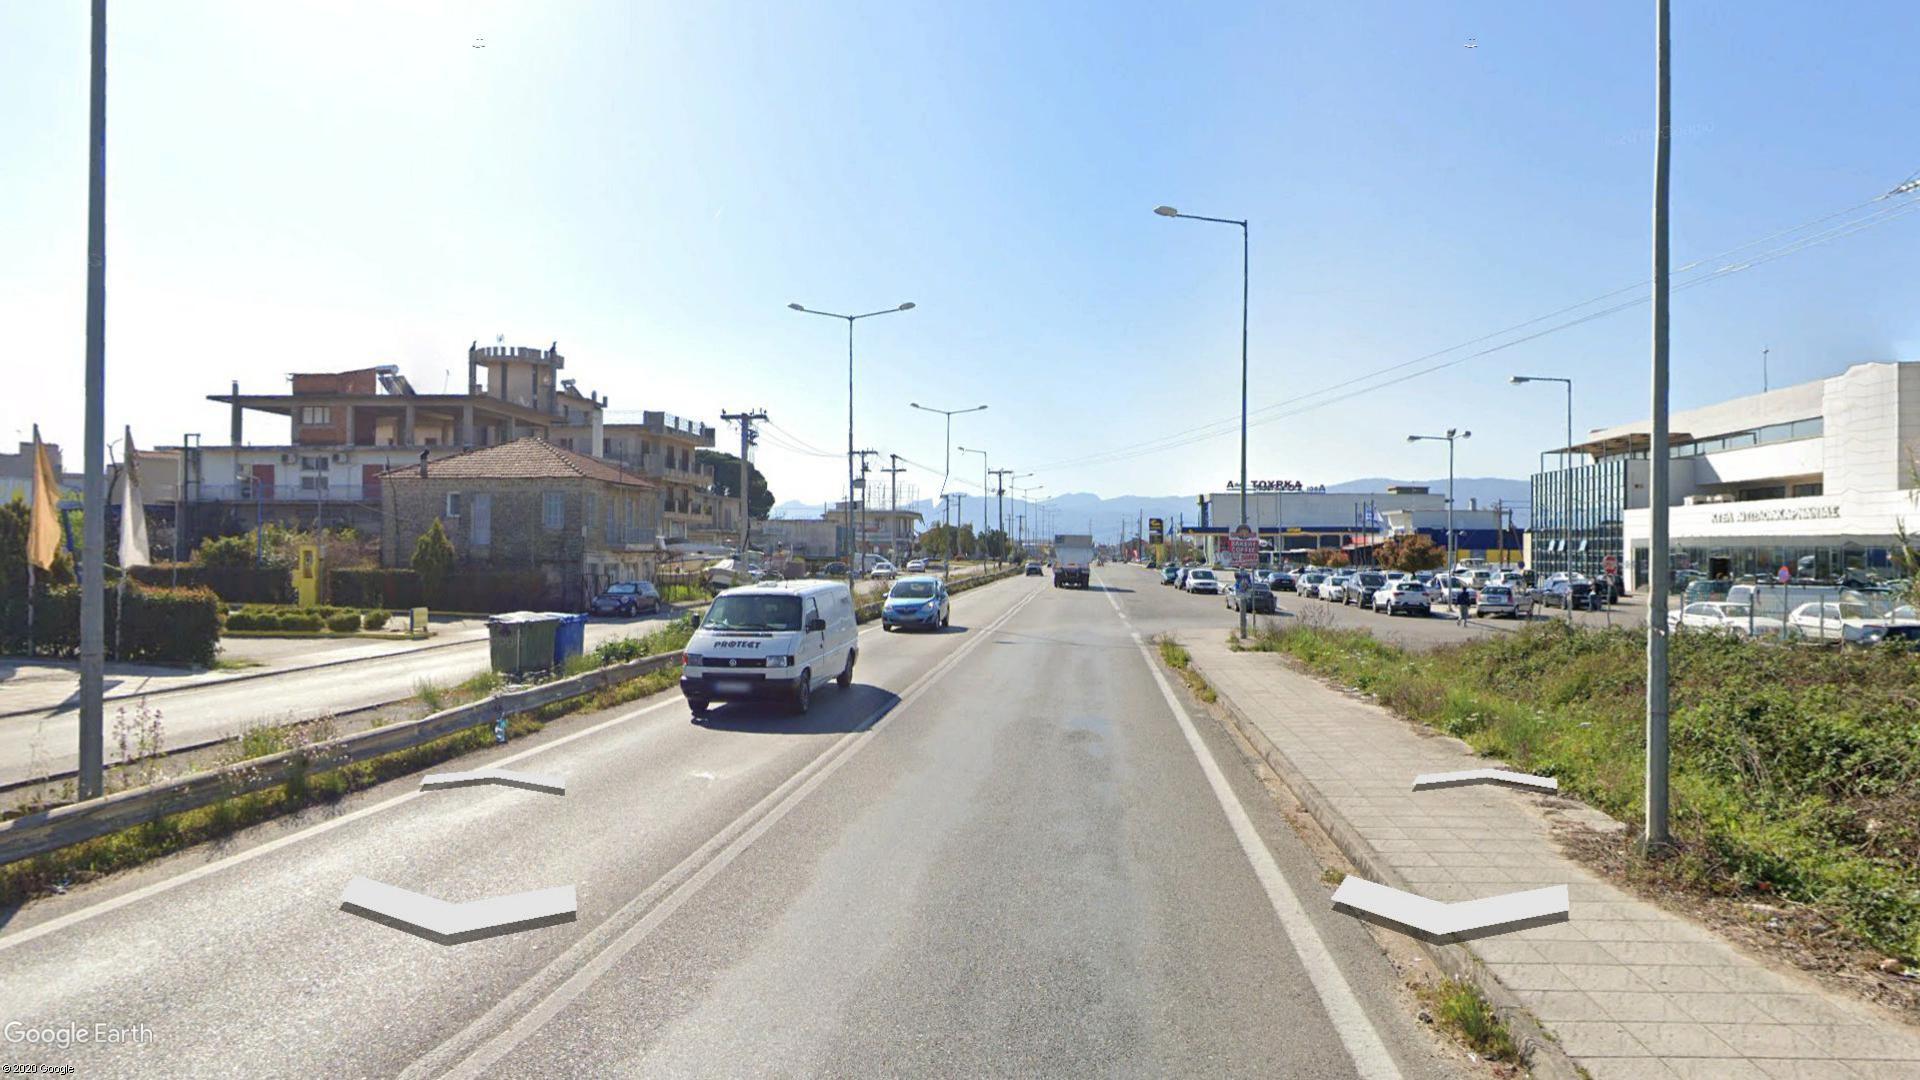 """ΠΔΕ: Αλλάζουν «πρόσωπο» οι είσοδοι των πόλεων Πάτρας, Πύργου και Αγρινίου- Νεκτάριος Φαρμάκης: """"Οι πόλεις μας έχουν ψυχή"""" (photos- BINTEO)"""